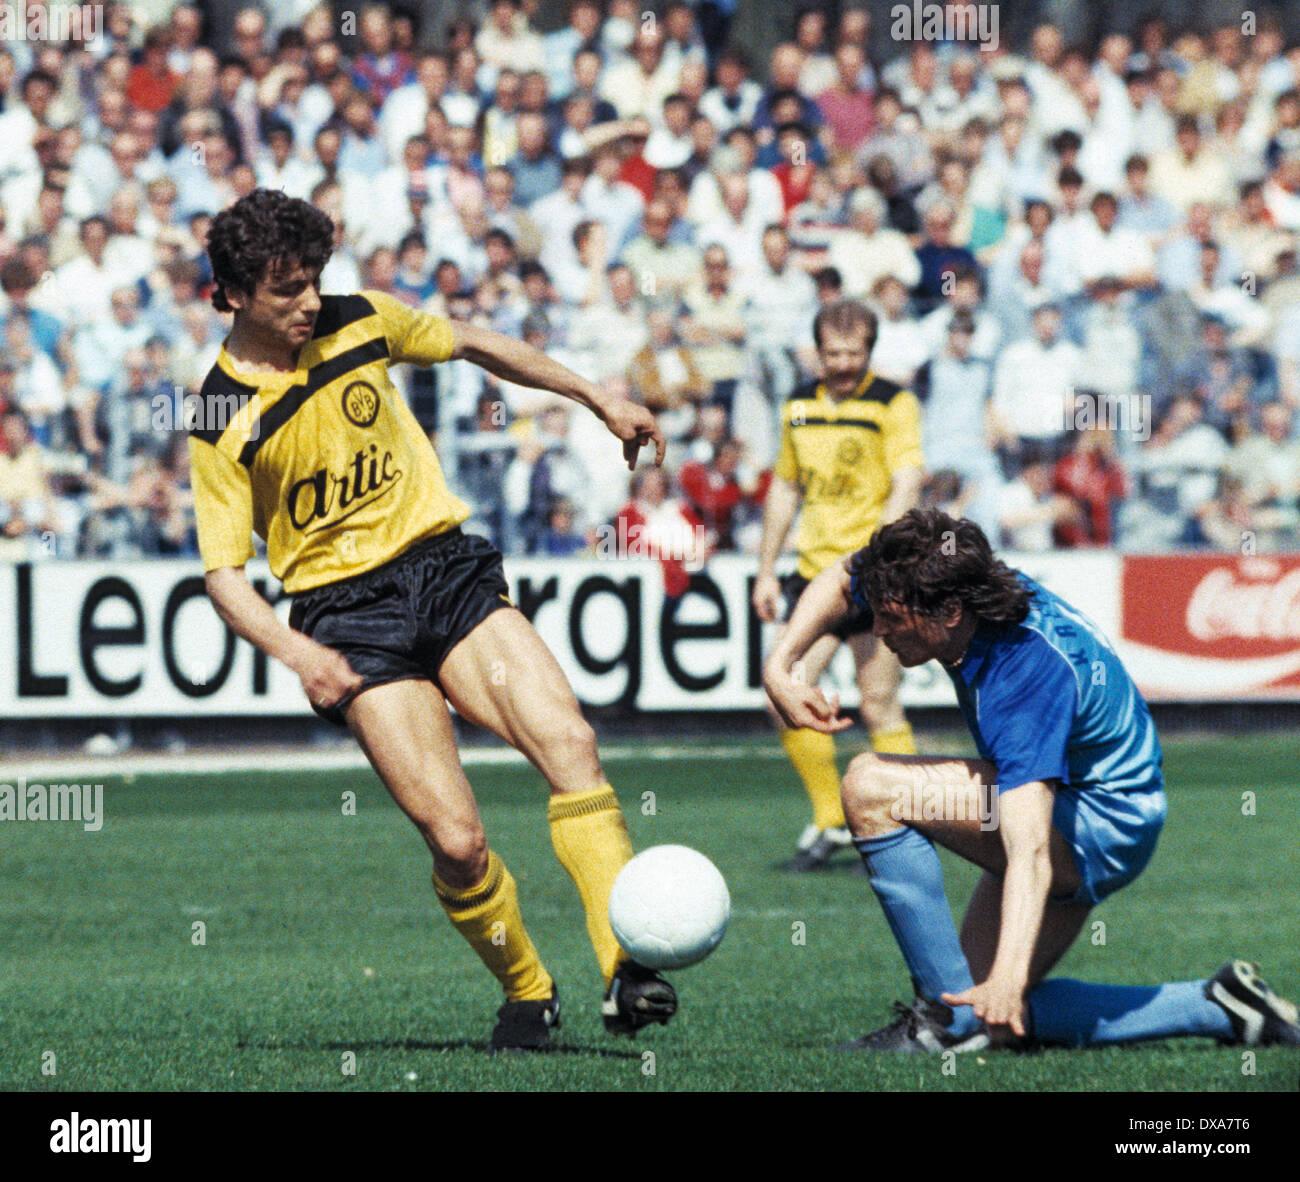 football, Bundesliga, 1983/1984, Grotenburg Stadium, FC Bayer 05 Uerdingen versus Borussia Dortmund 2:1, scene of the match, Erdal Keser (BVB) left and Dietmar Klinger (Bayer) - Stock Image